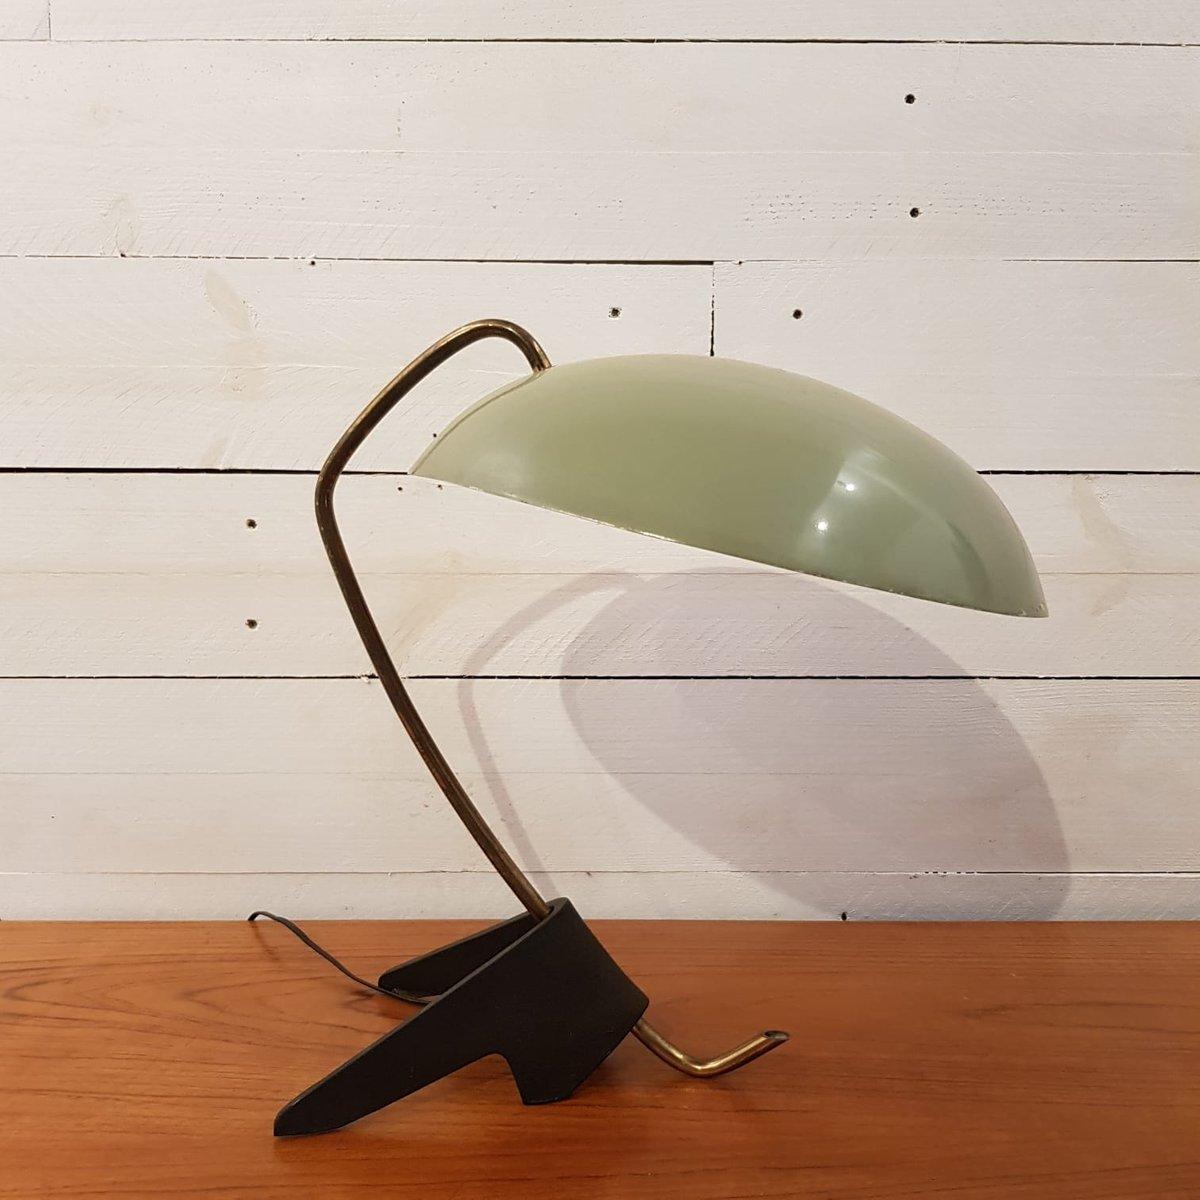 Cocotte Lampe mit Dreifuß in grün & schwarz lackiertem Metall, 1950er